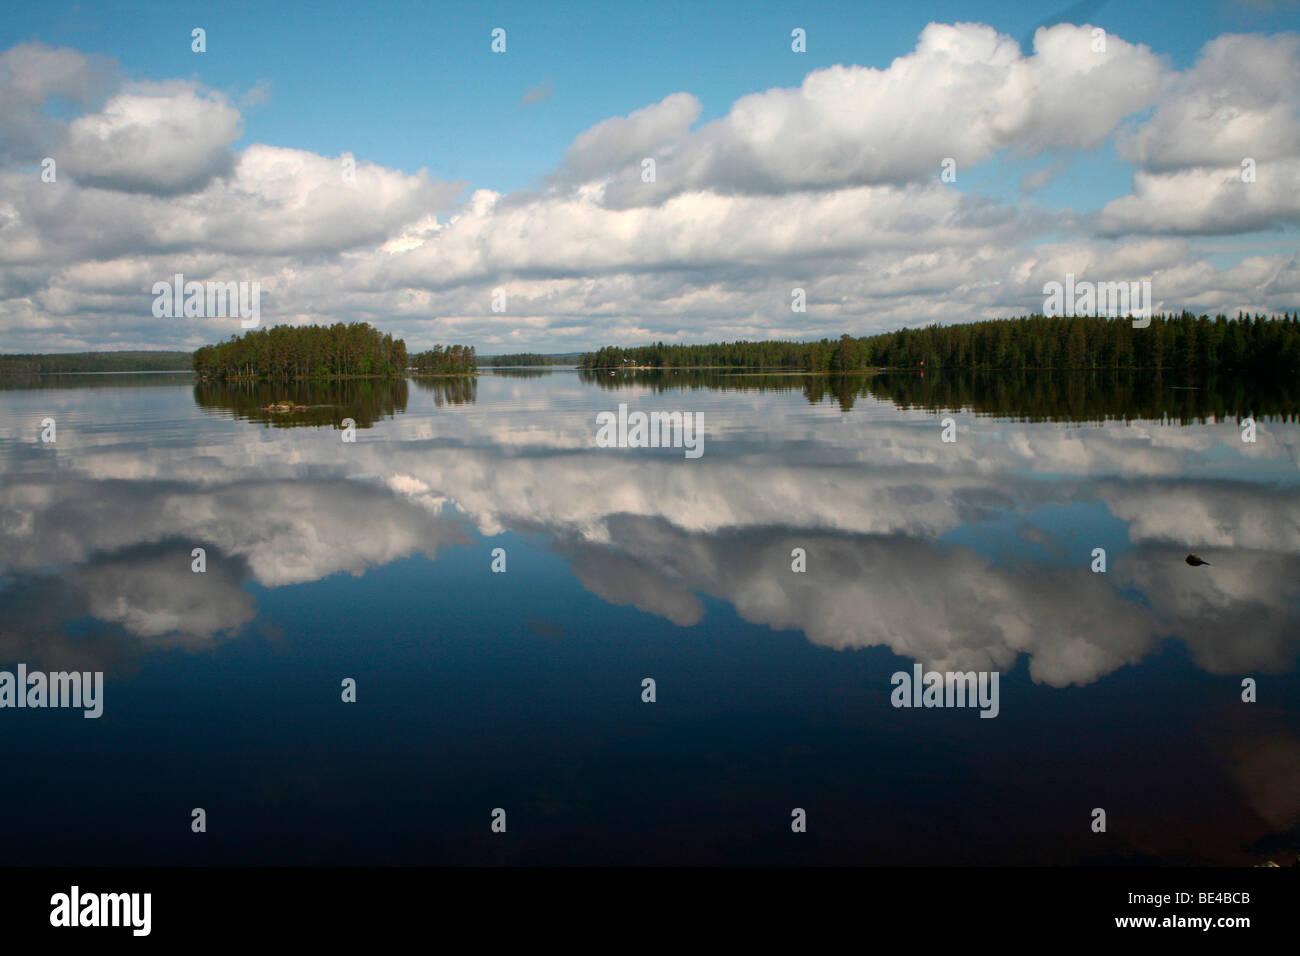 Lake landscape, Lapland, Finland, Europe - Stock Image